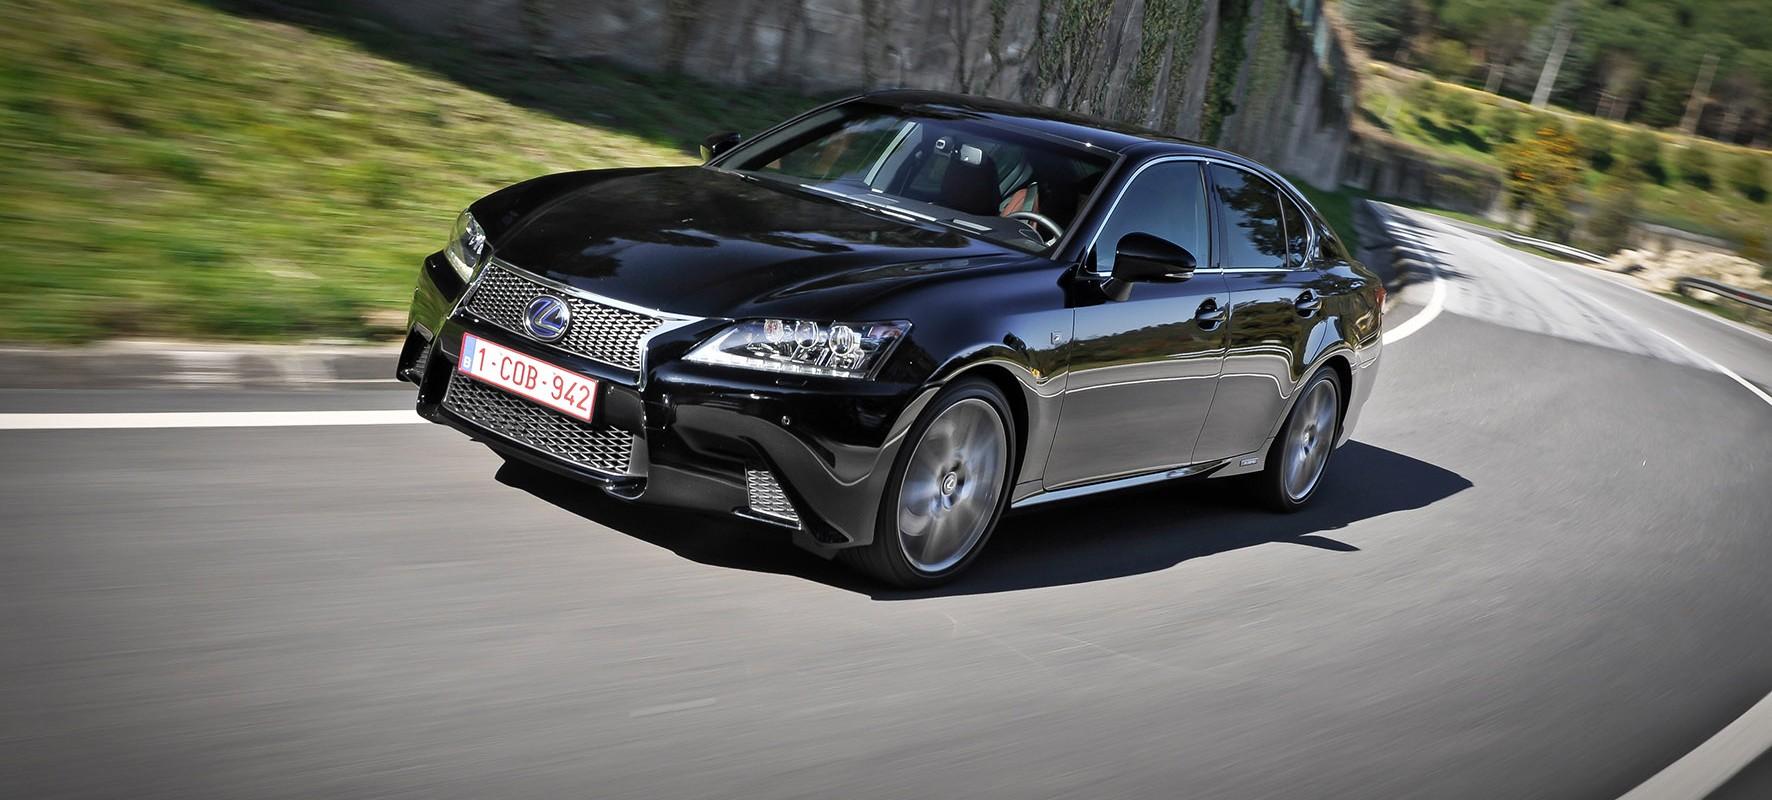 Mijlpaal: Lexus bouwt 500.000ste Hybrid